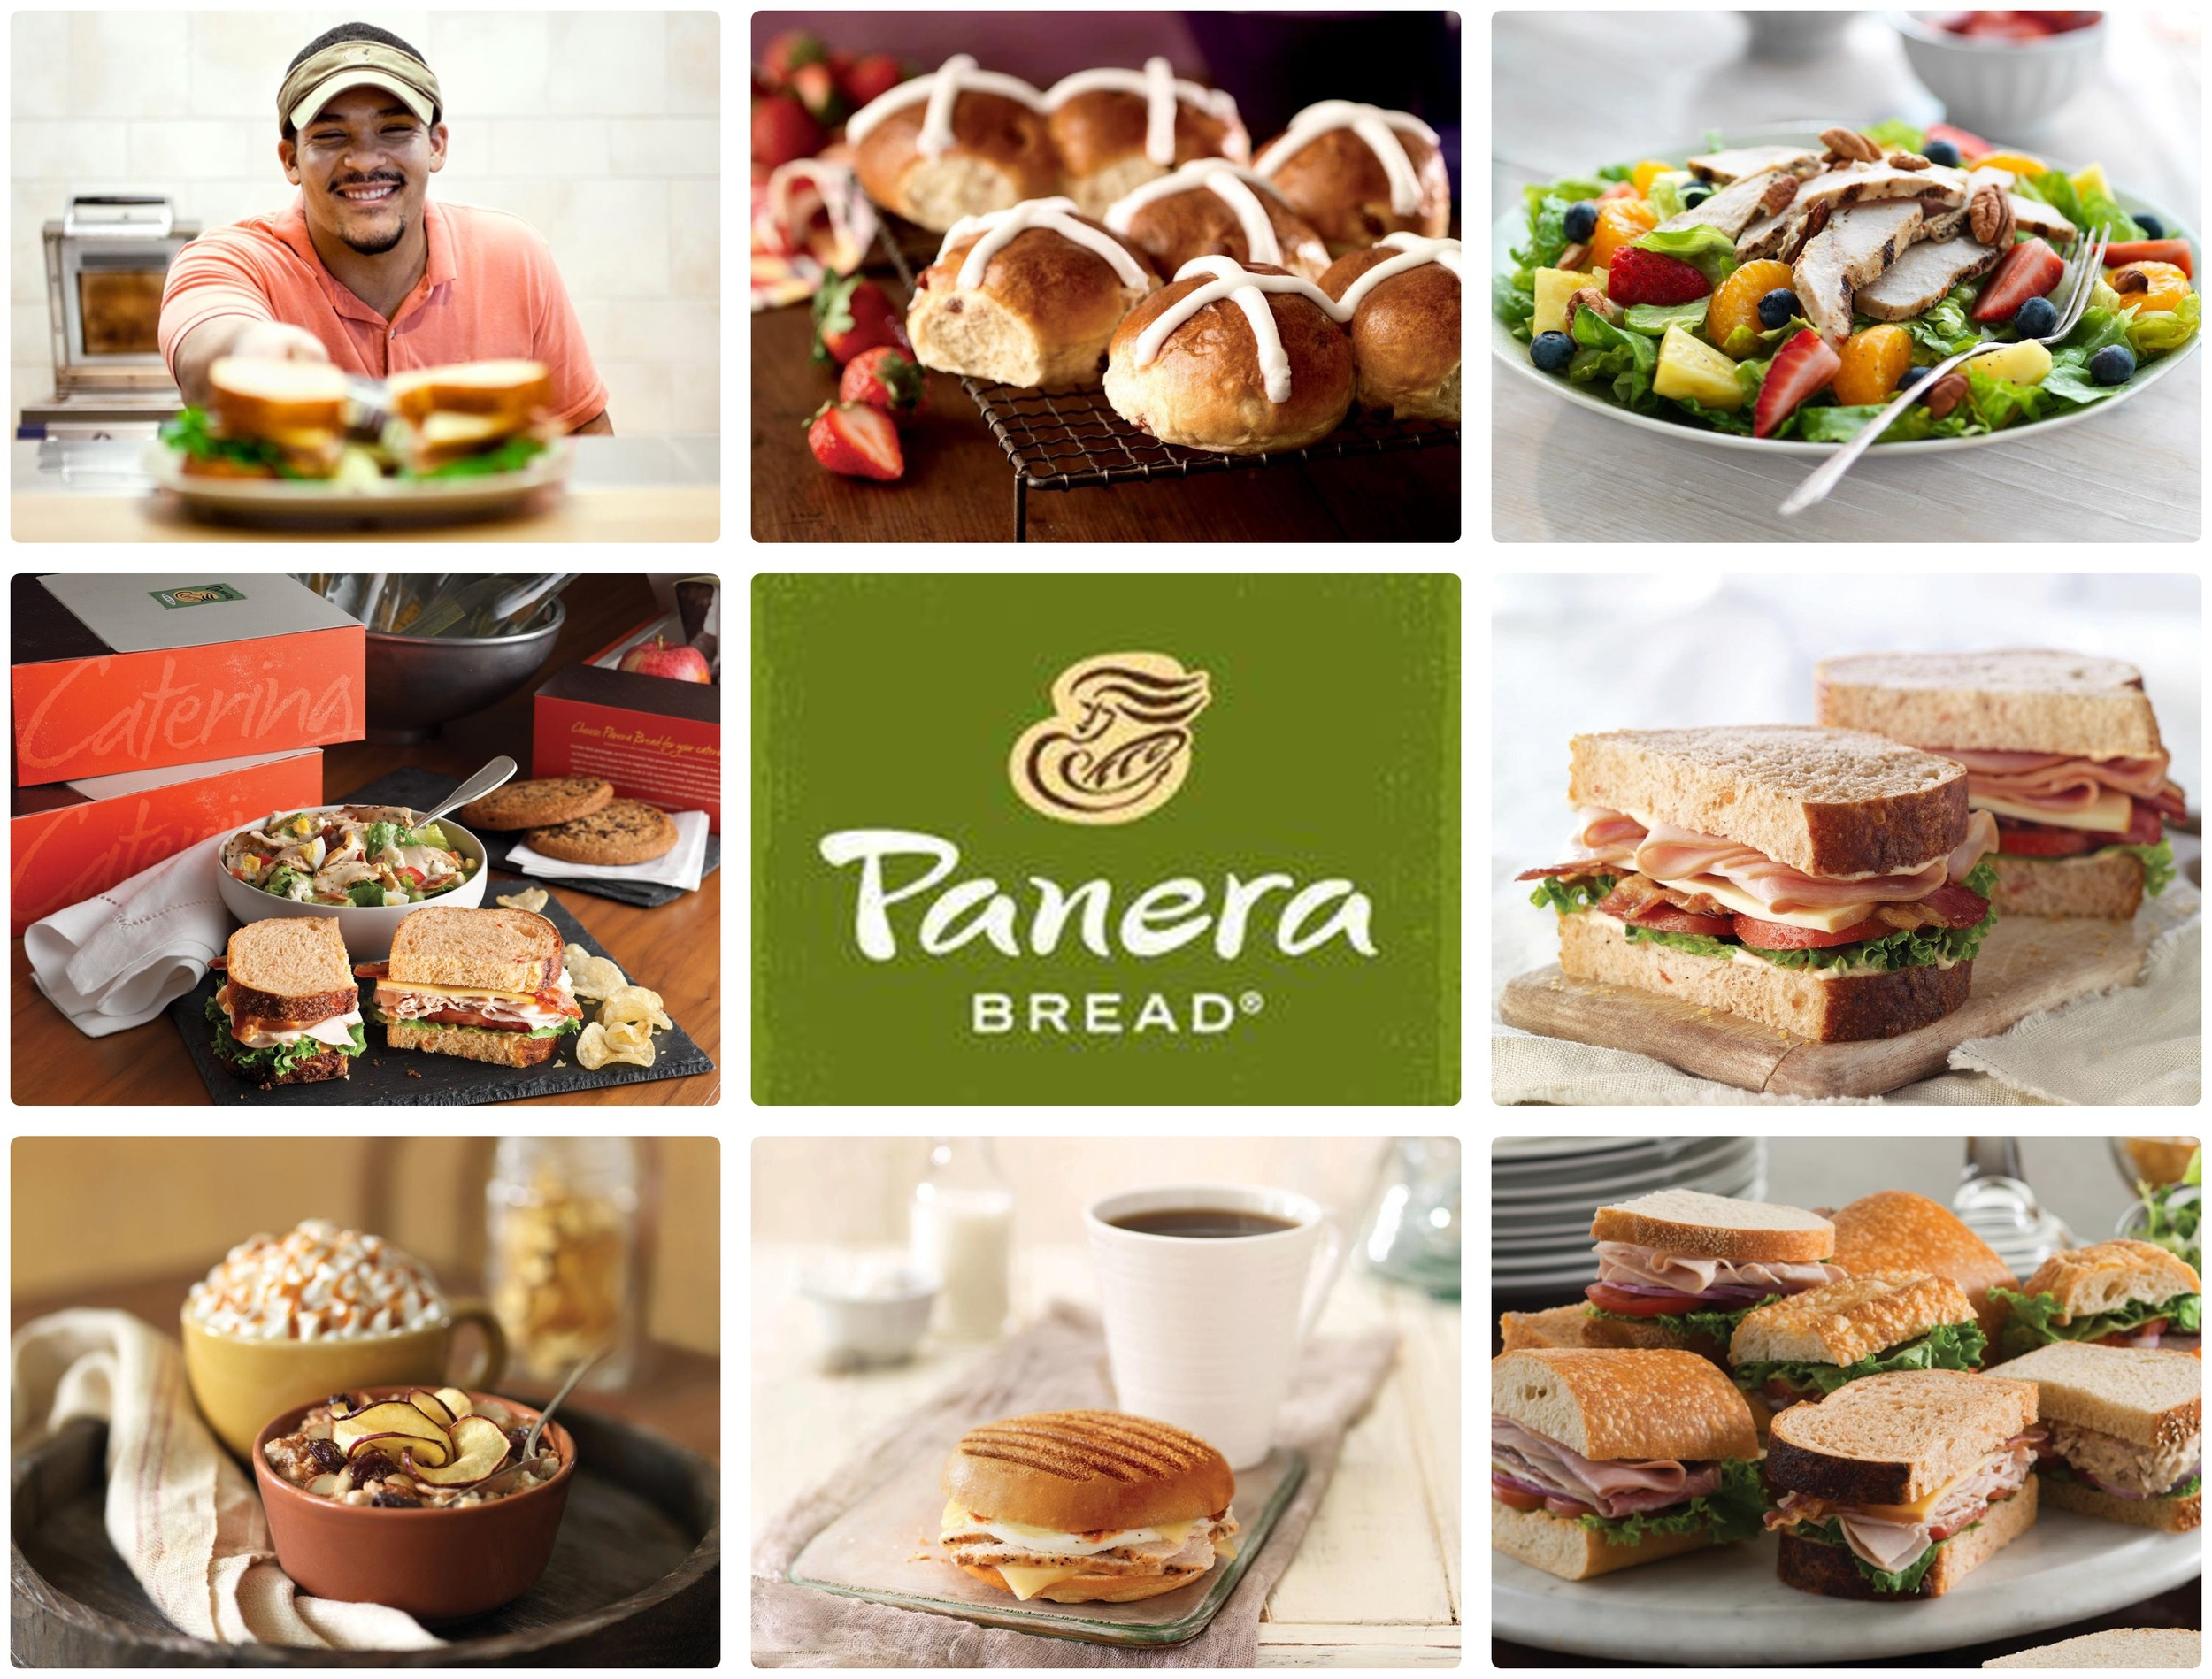 Panera-Bread1.jpg